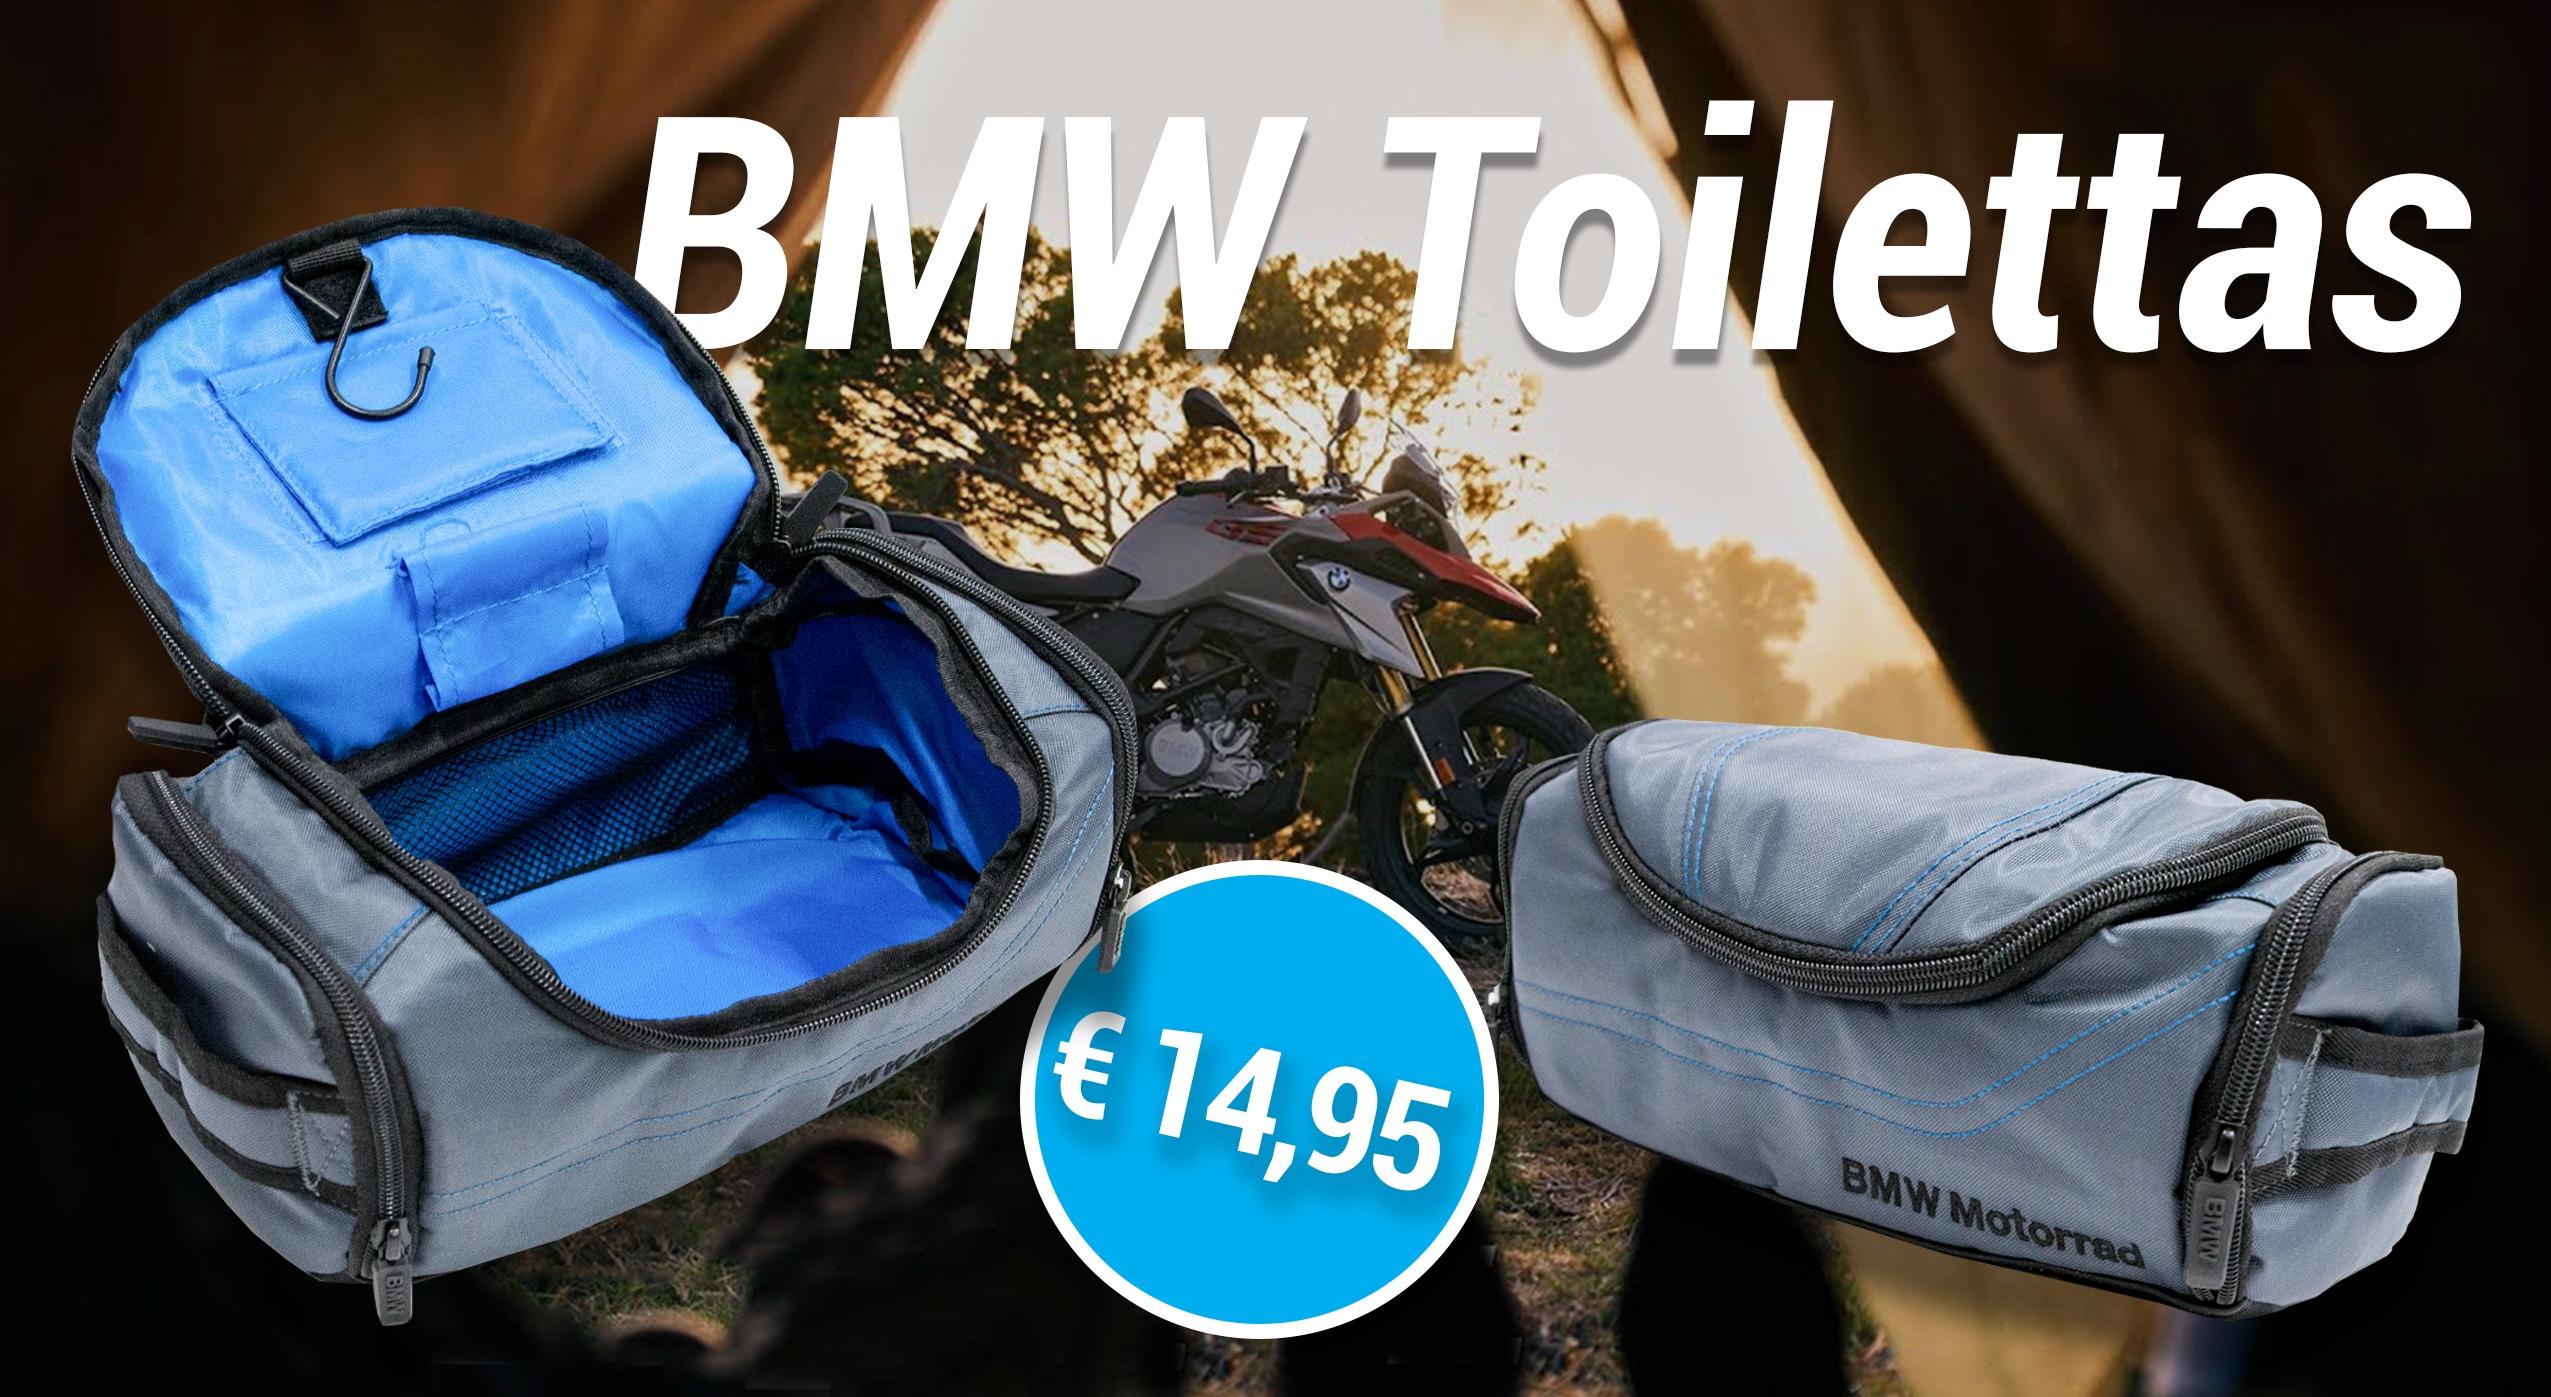 toilettas-export.jpg